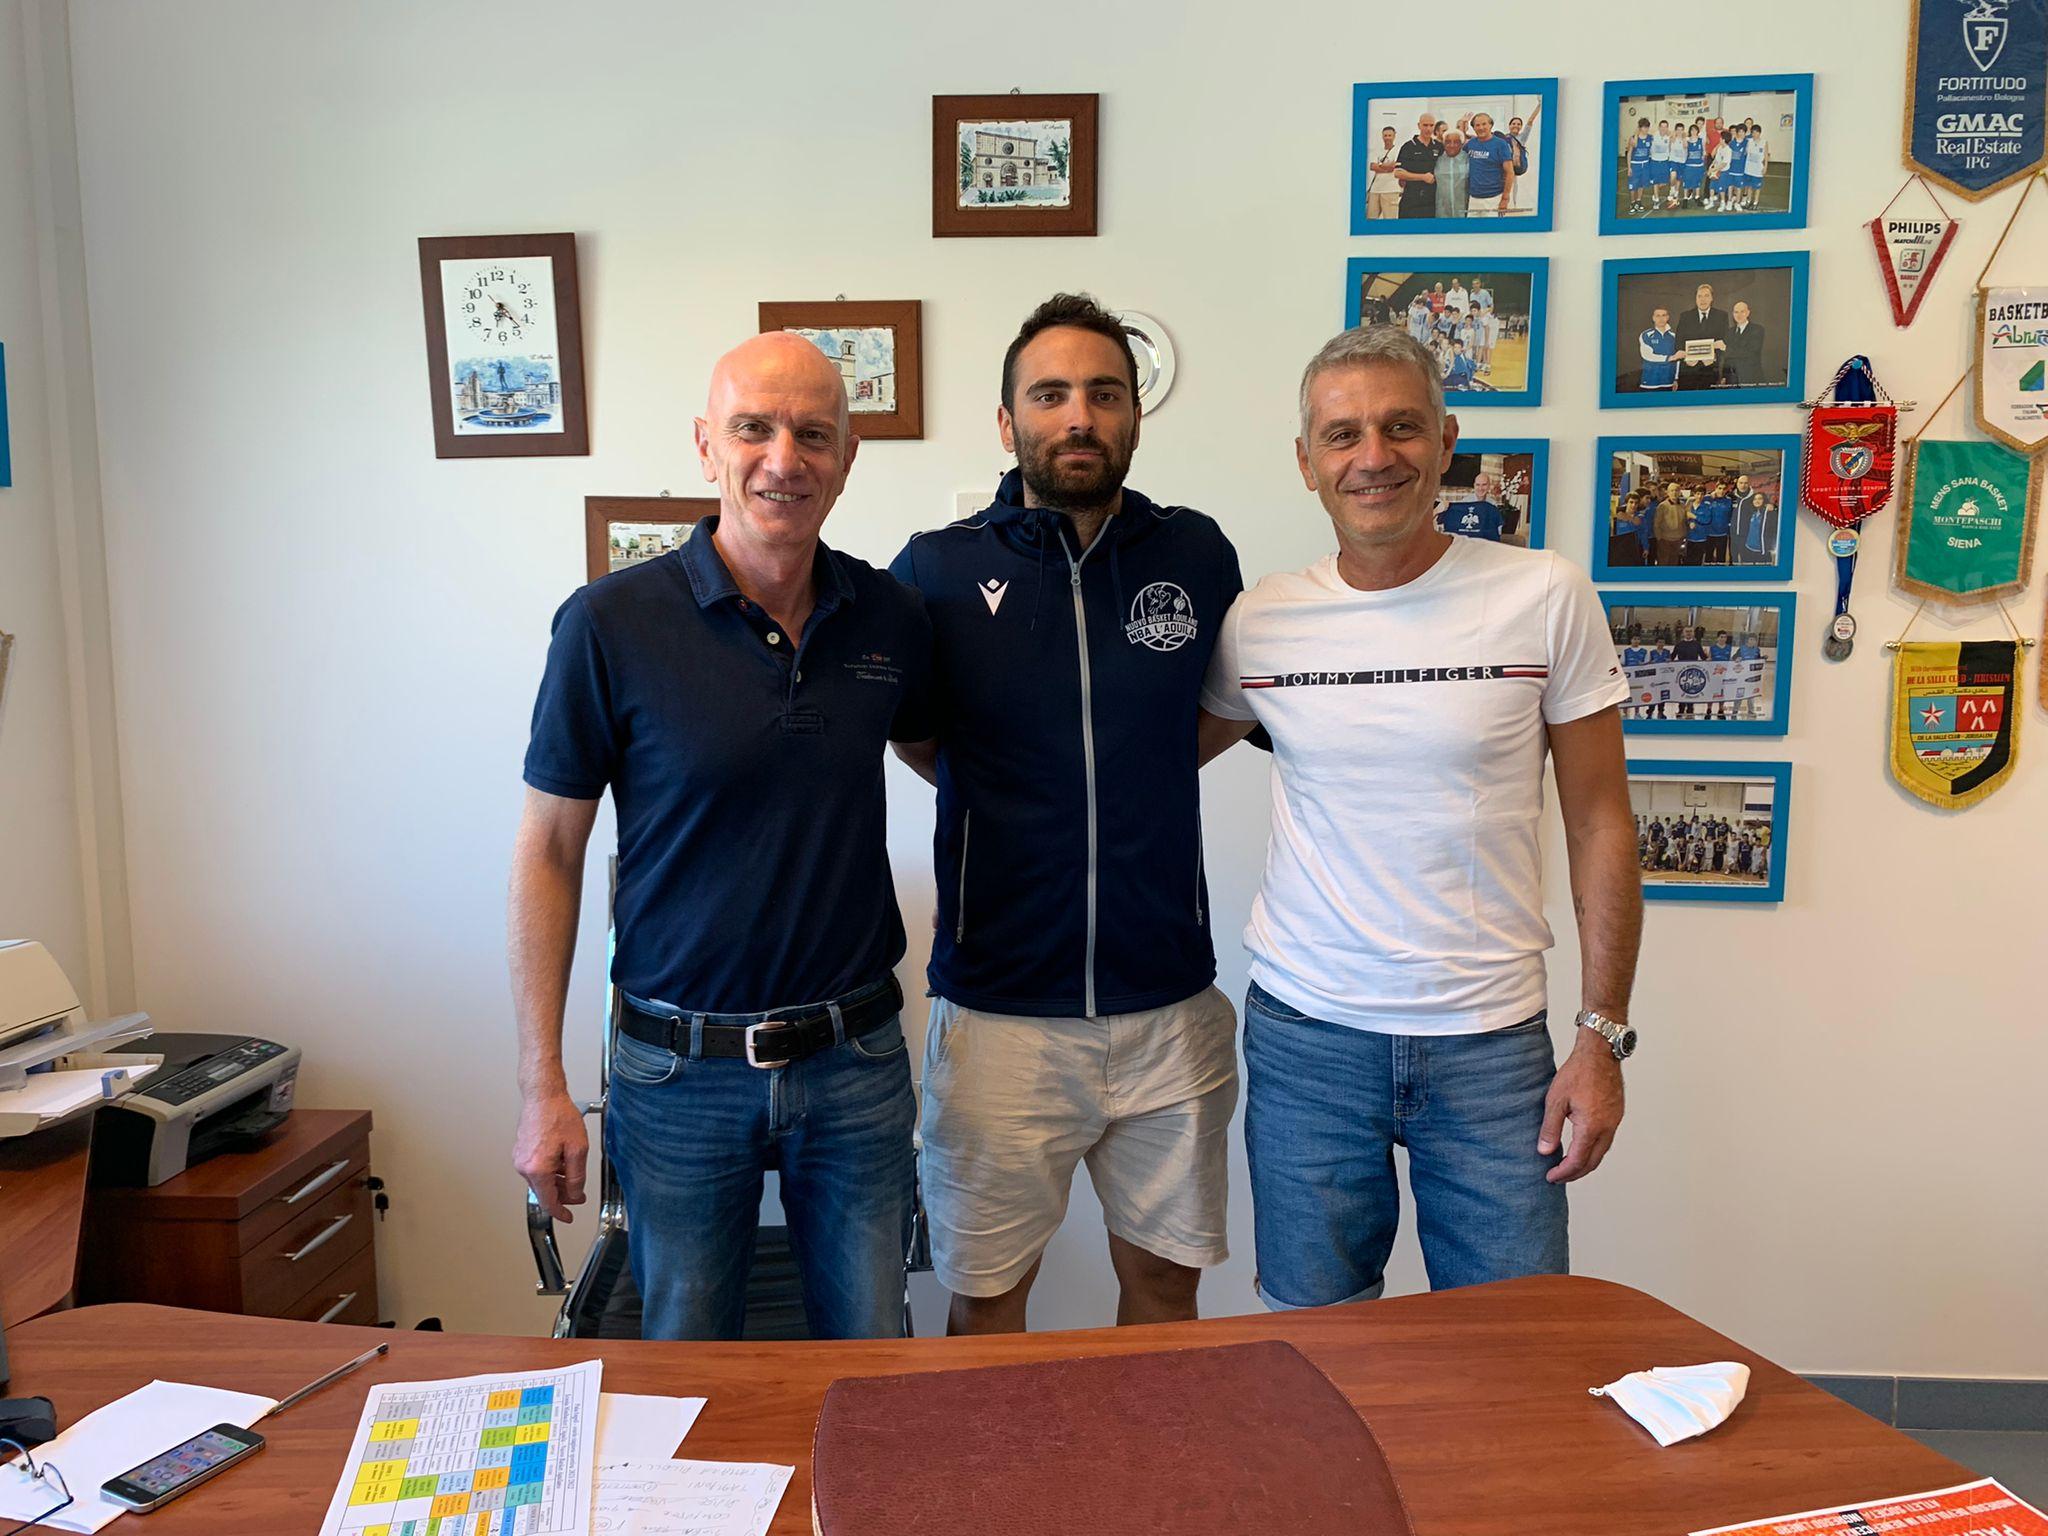 Roberto Nardecchia, Giancarlo Schiavoni e Paolo Nardecchia